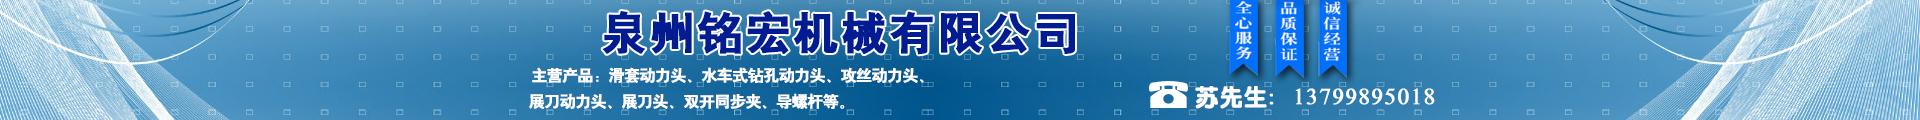 泉州鲤城区铭宏机械有限公司